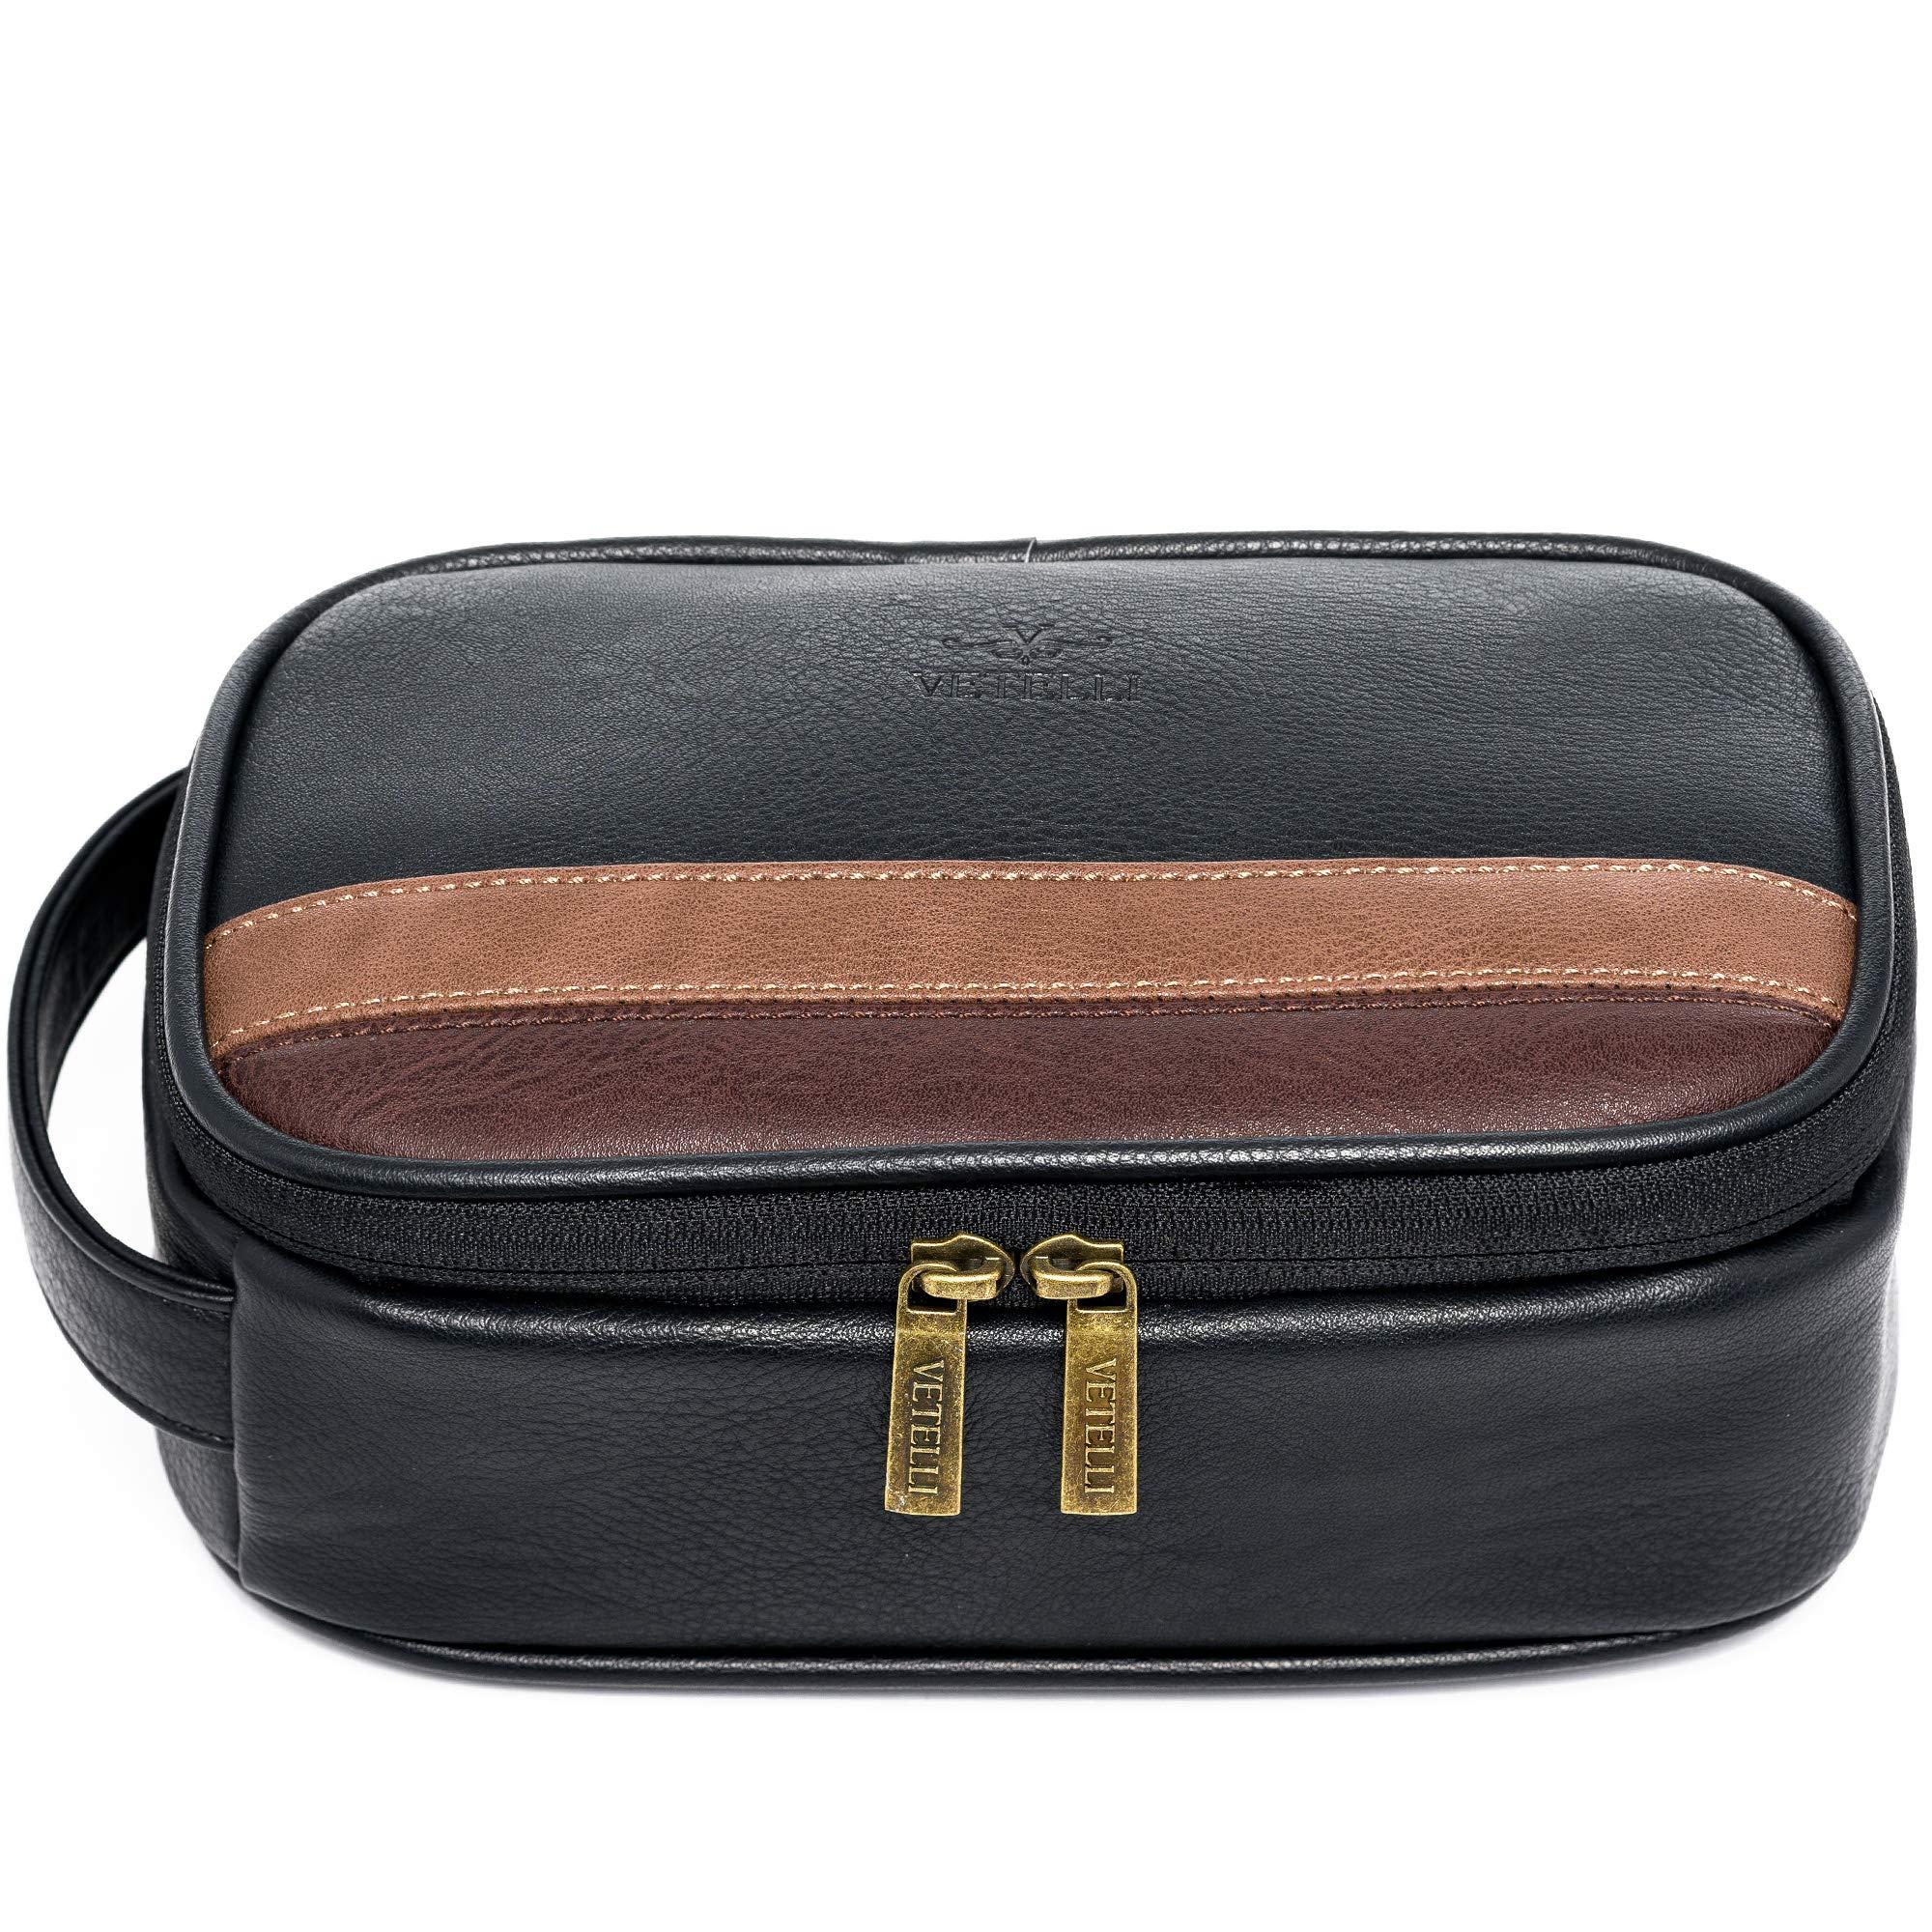 Vetelli Toiletry Bag For Men - Perfect Bathroom Organizer or Travel Dopp Kit - Great Gift For Men by Vetelli